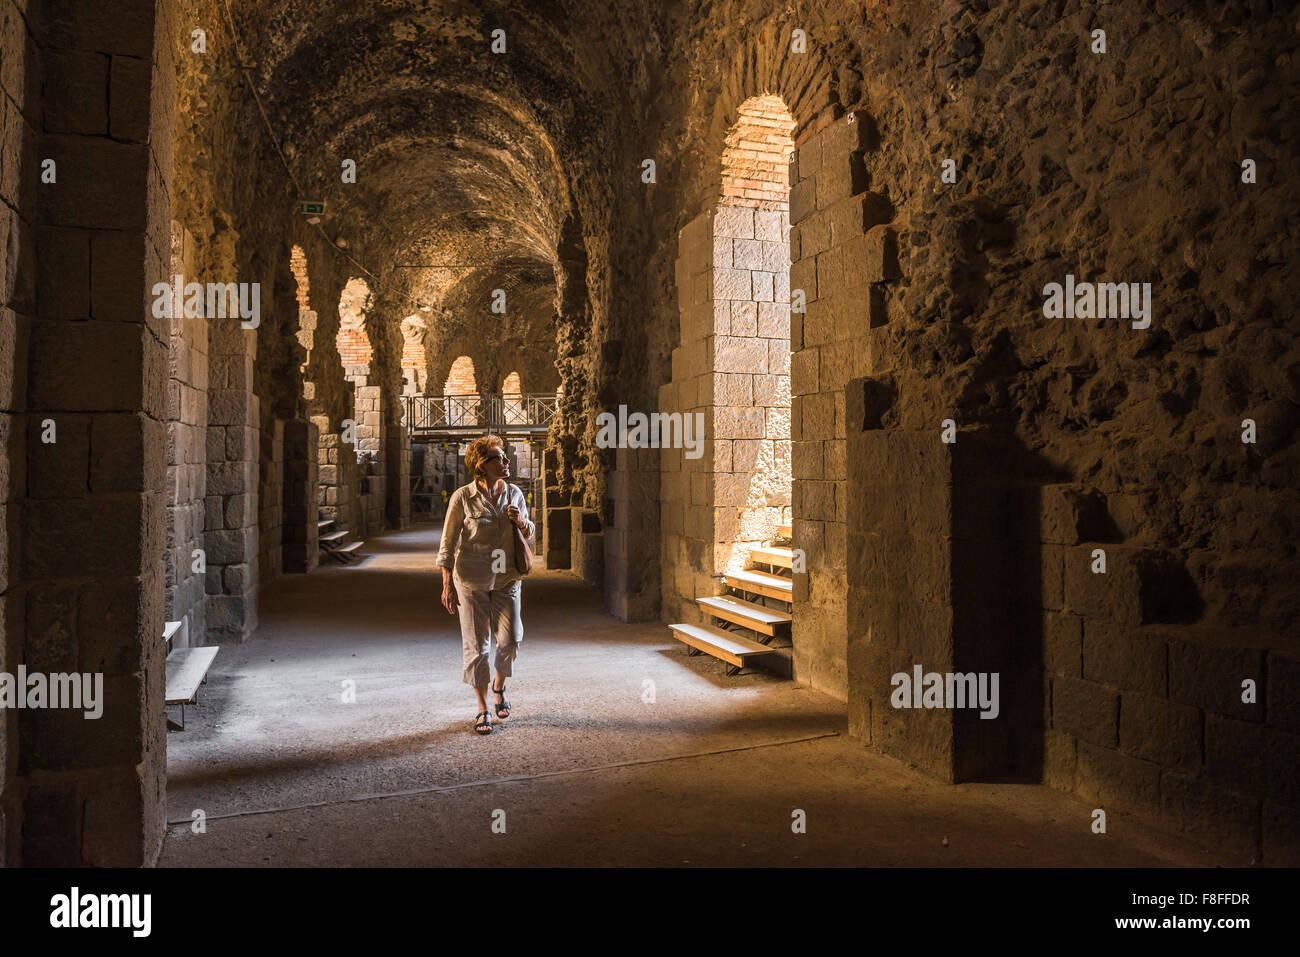 Femme voyage seule, une femme d'âge moyen à Catane tourisme explore le couloir souterrain sous l'ancien Photo Stock